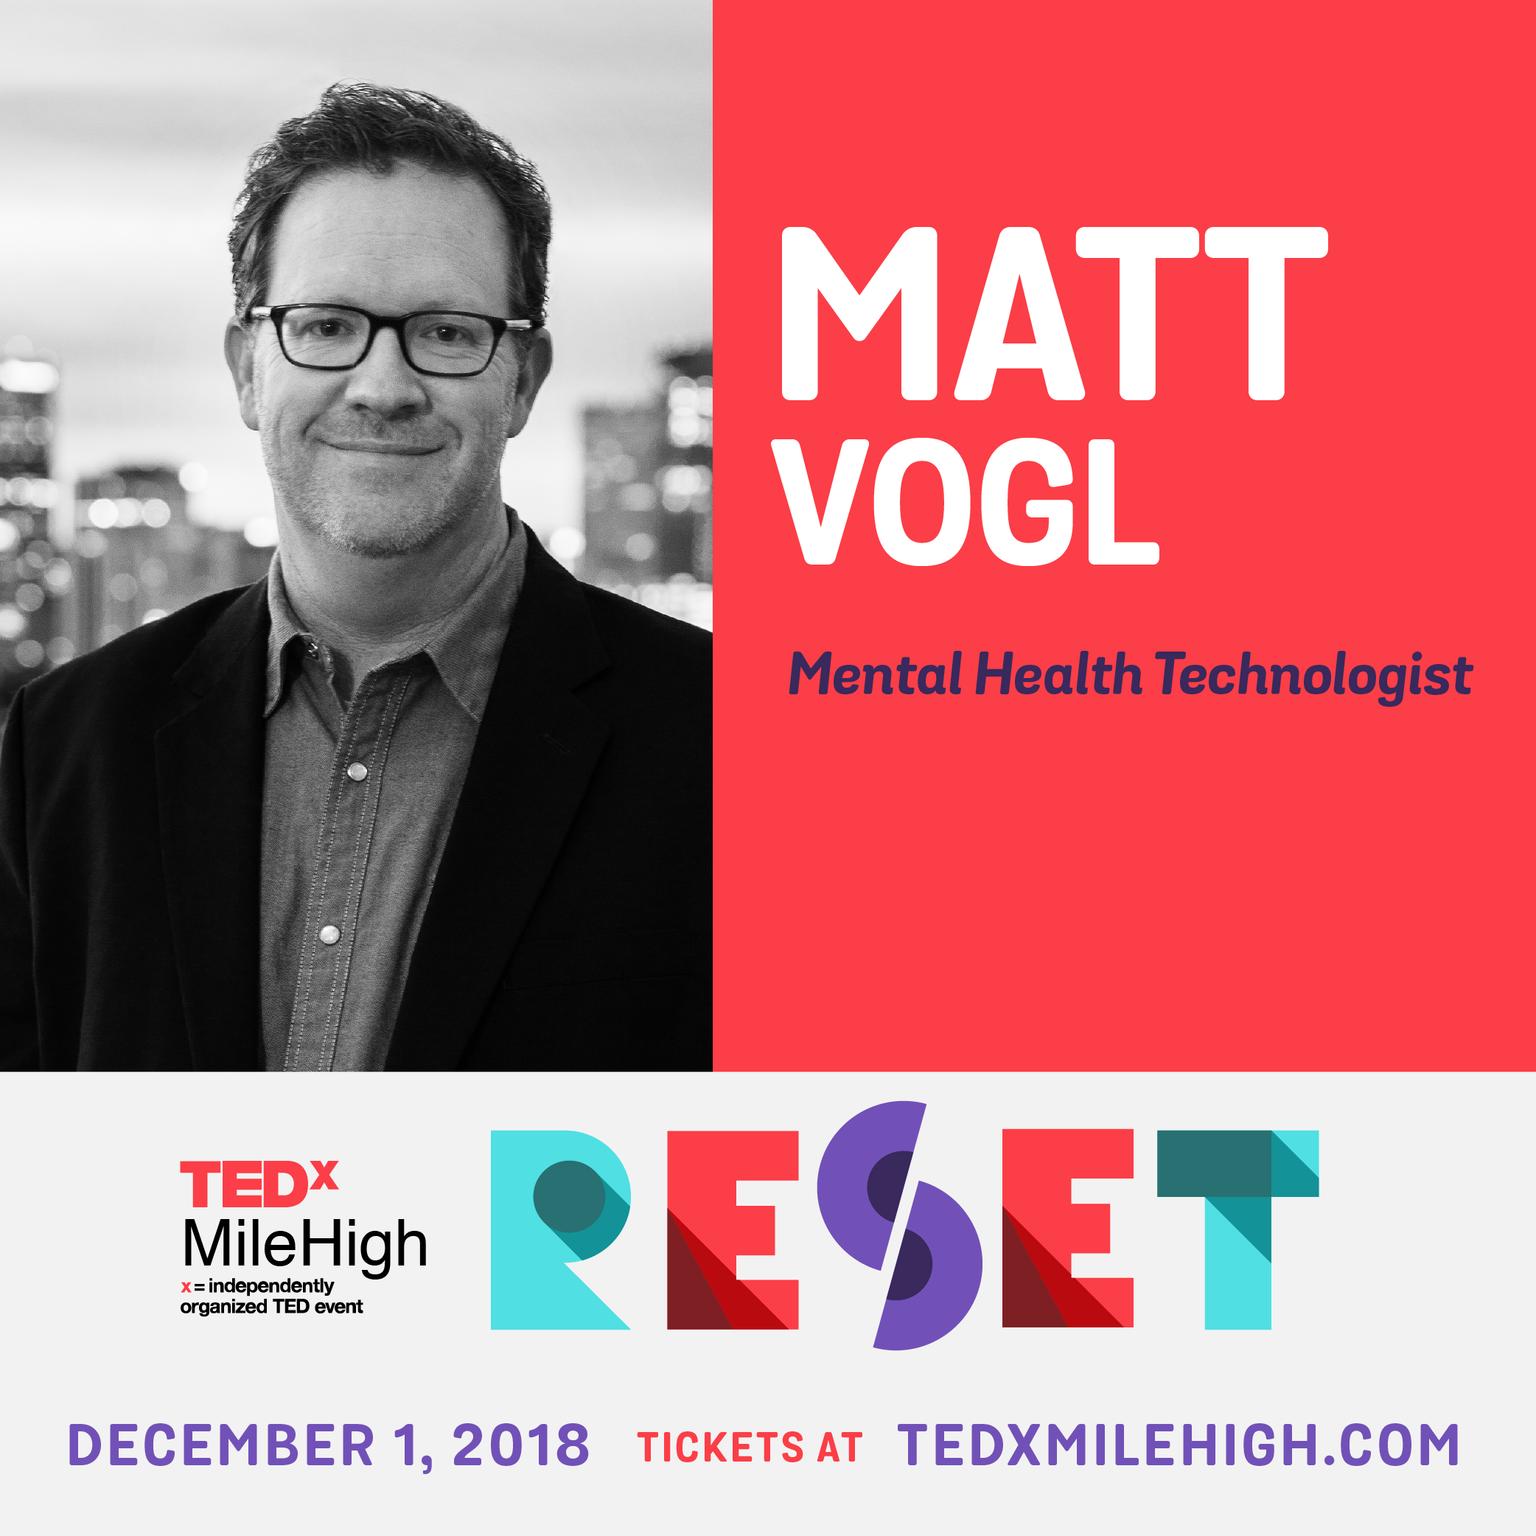 EVENT: Matt Vogl Speaking at TEDxMileHigh